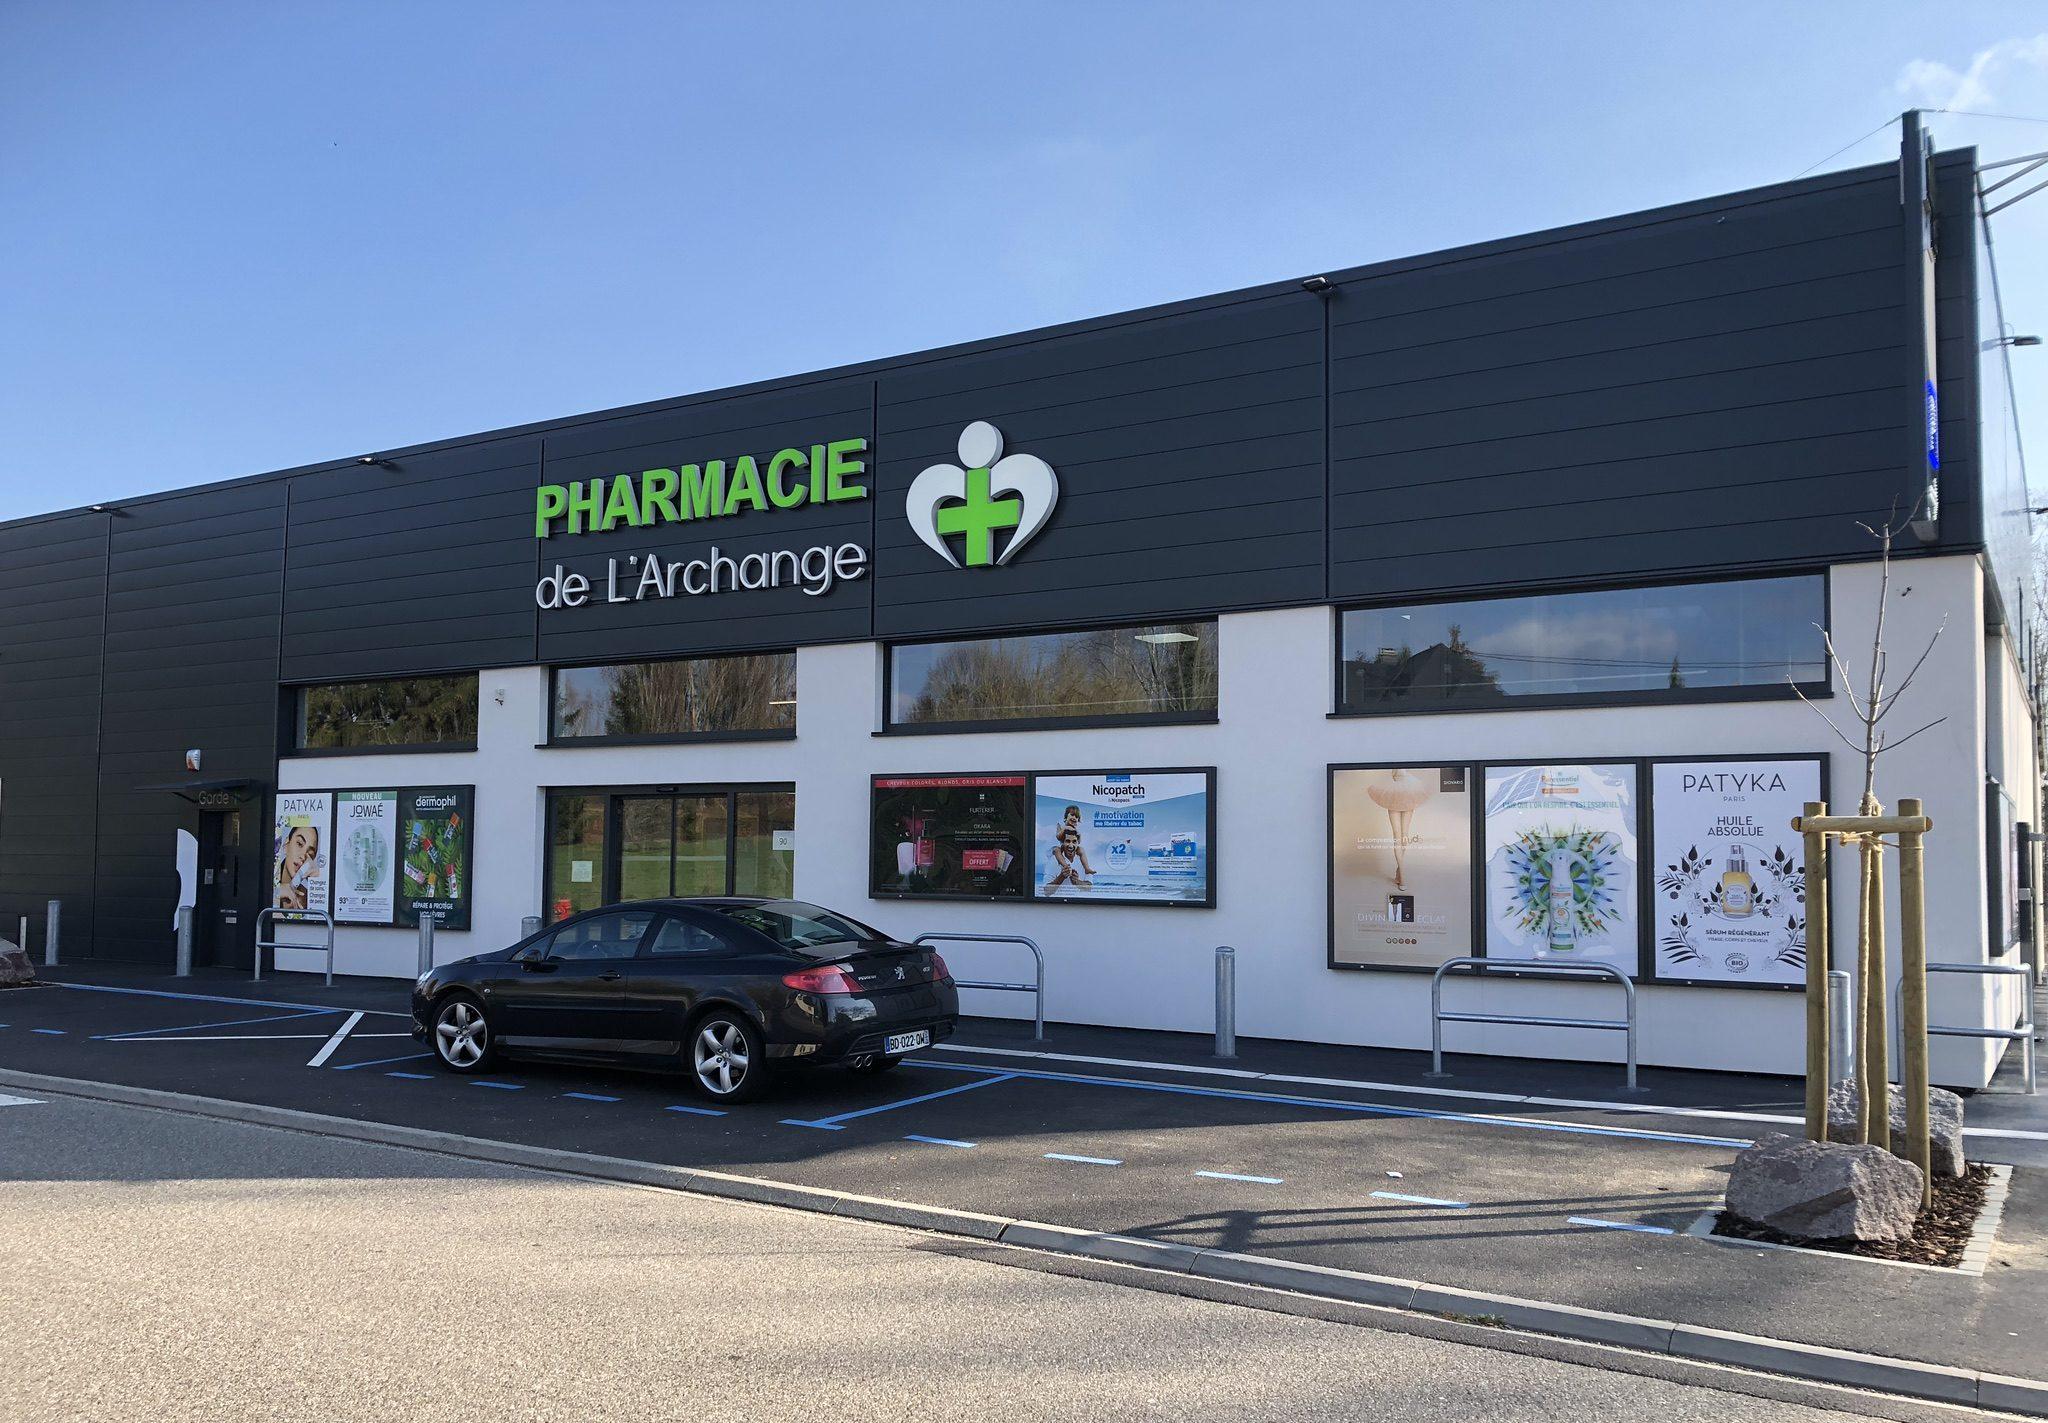 Pharmacie de l'Archange_Meditech